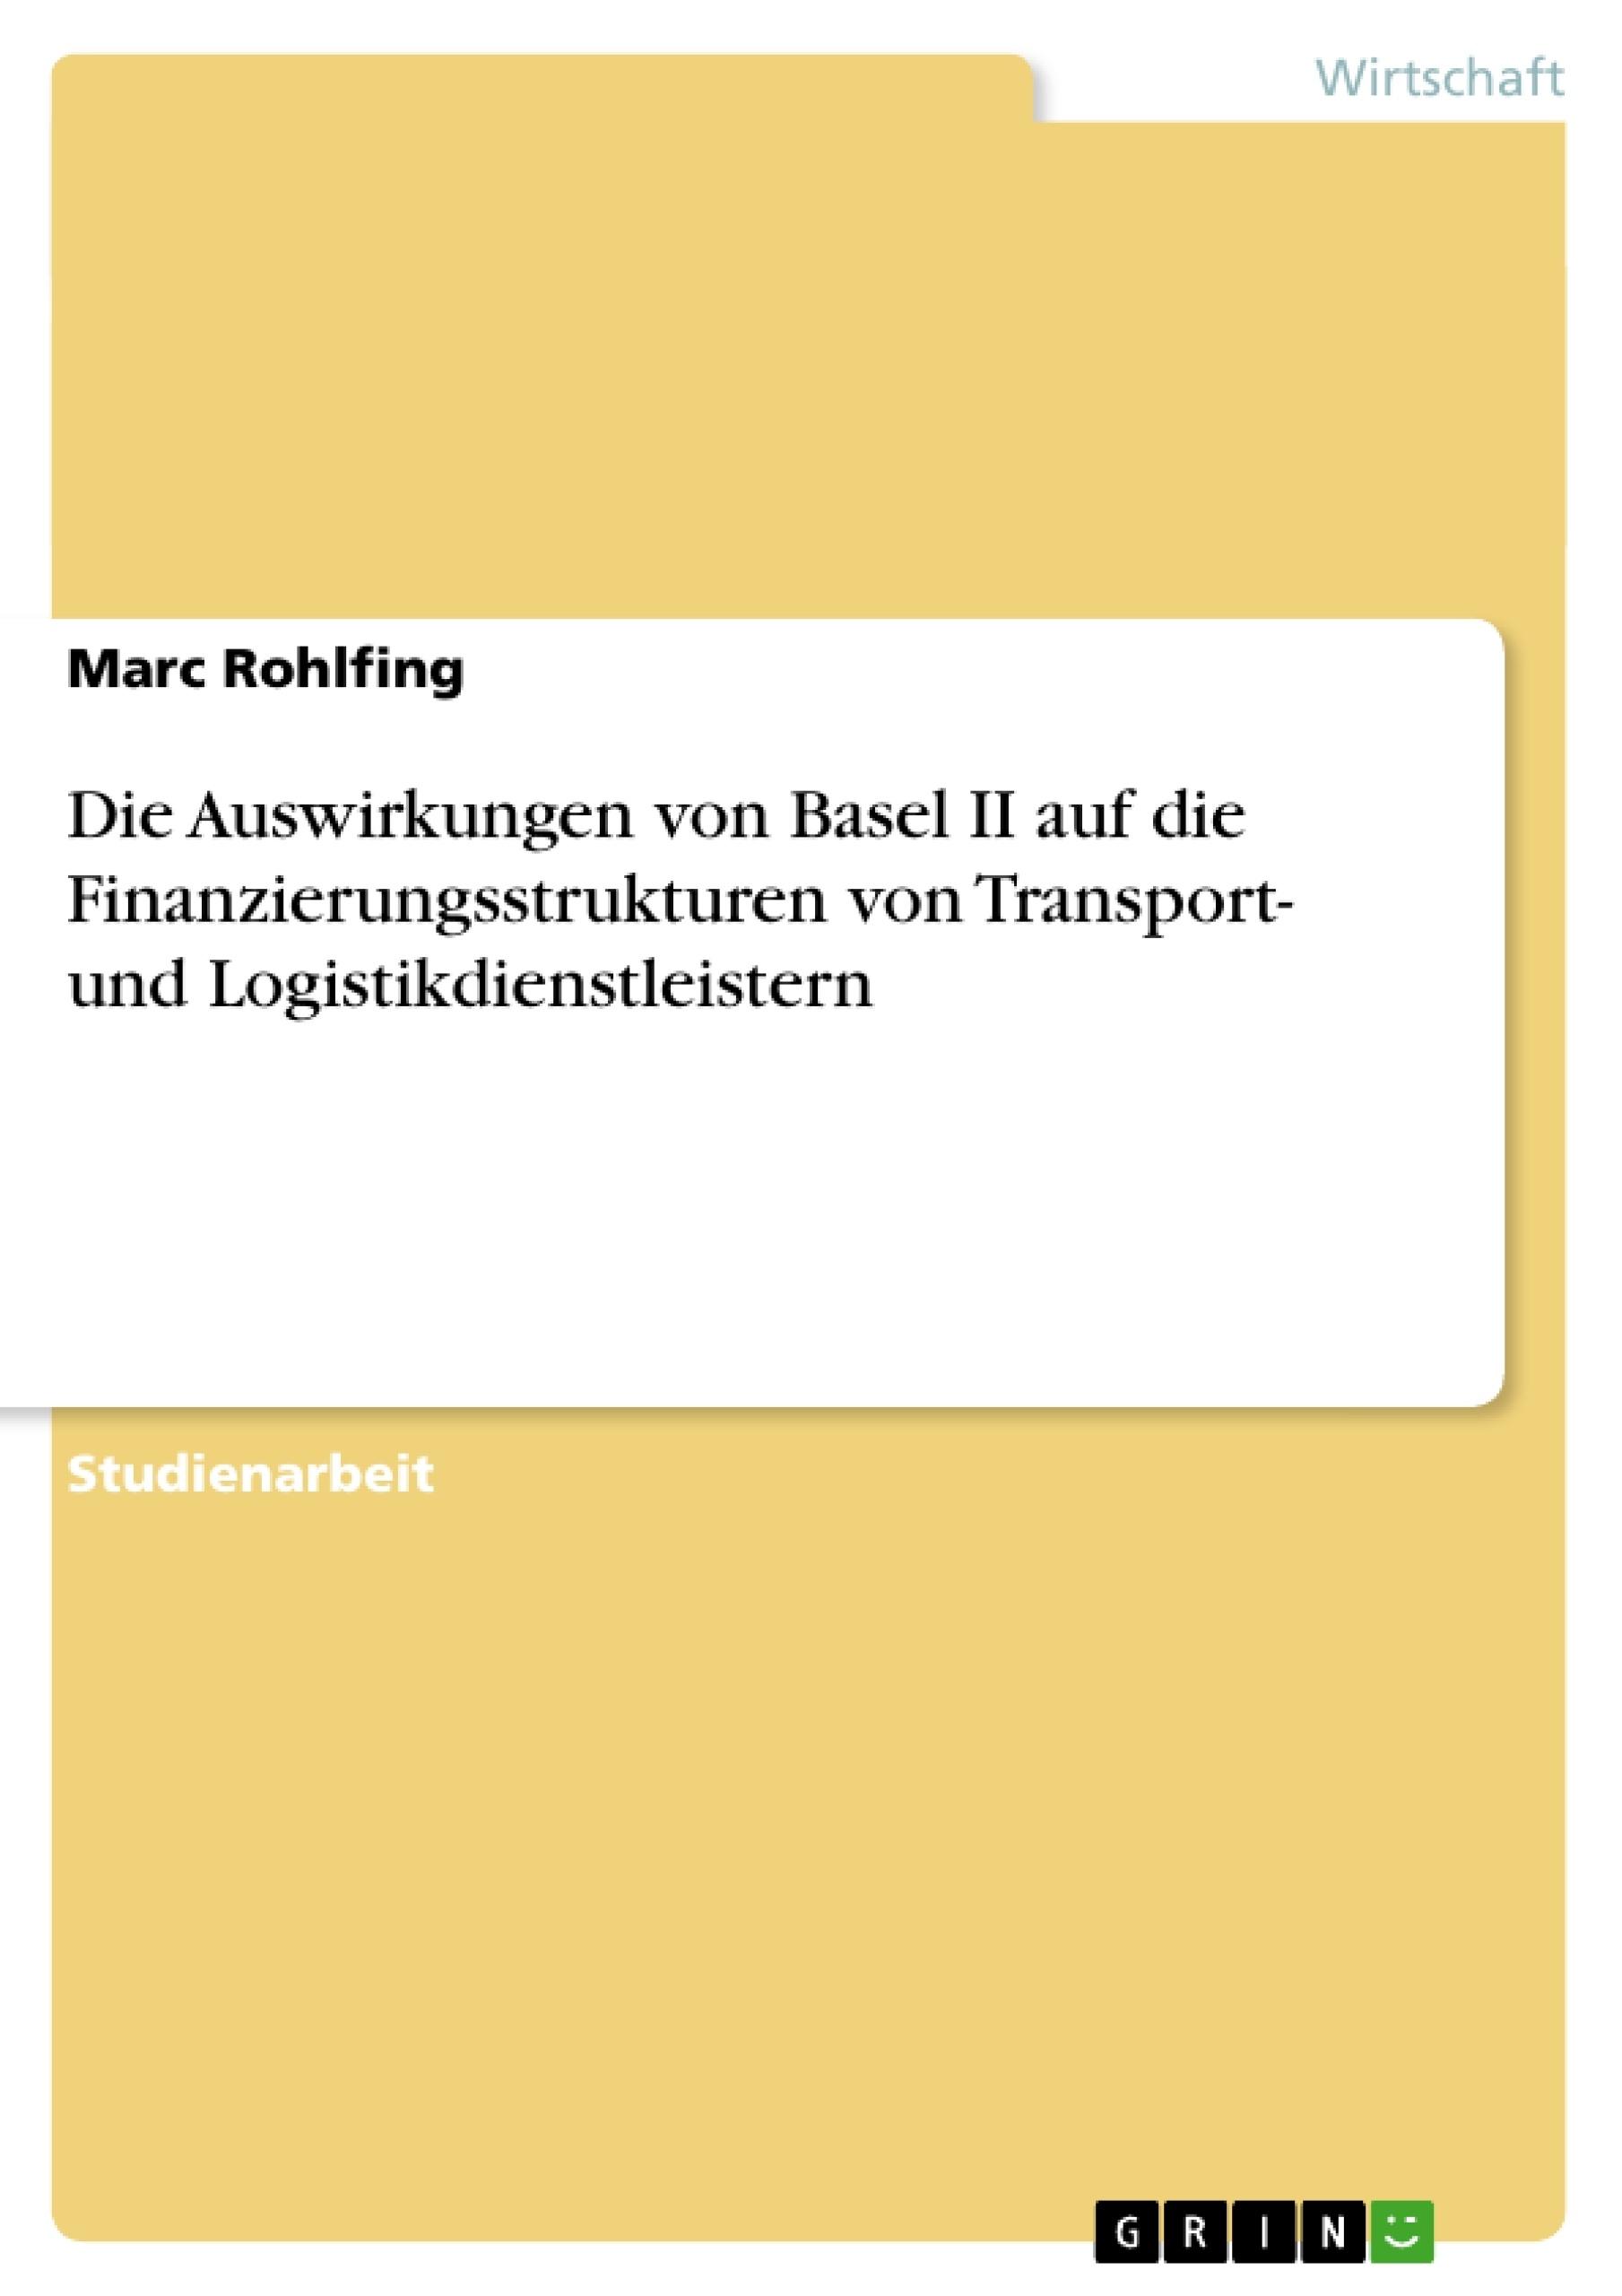 Titel: Die Auswirkungen von Basel II auf die Finanzierungsstrukturen von Transport- und Logistikdienstleistern